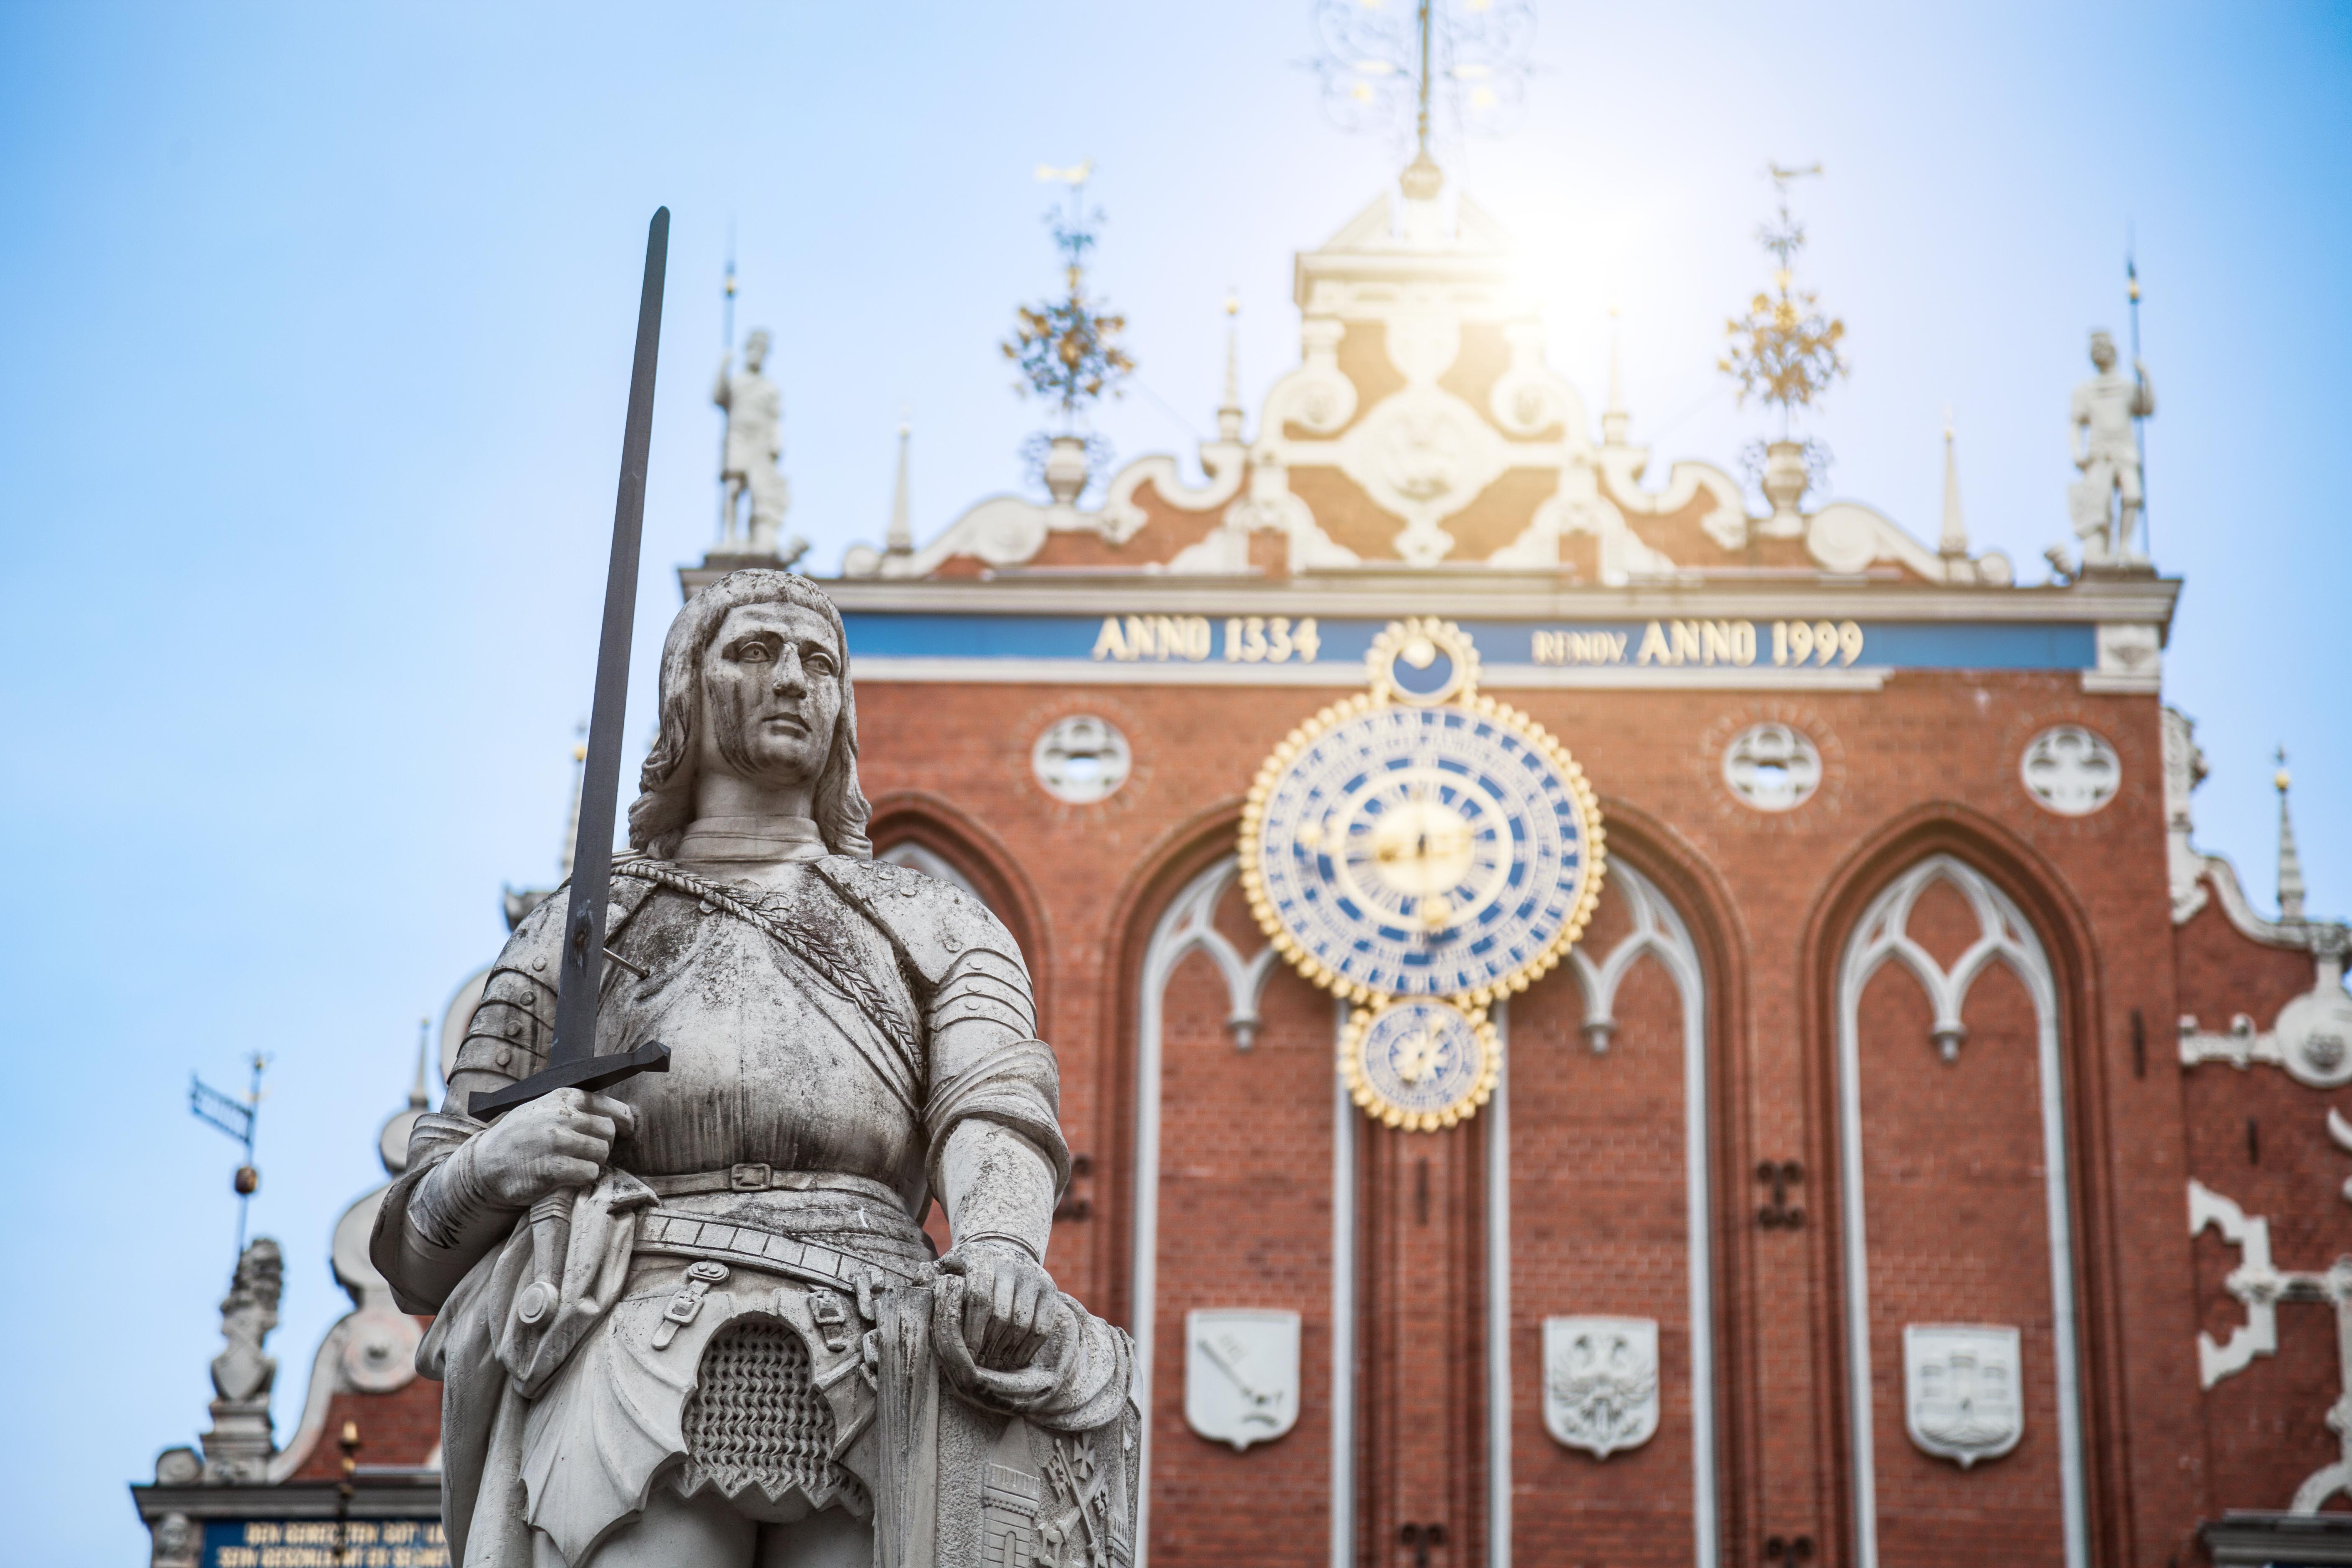 ¿Un edificio de Cabezas Negras? - Lituania Circuito Repúblicas Bálticas